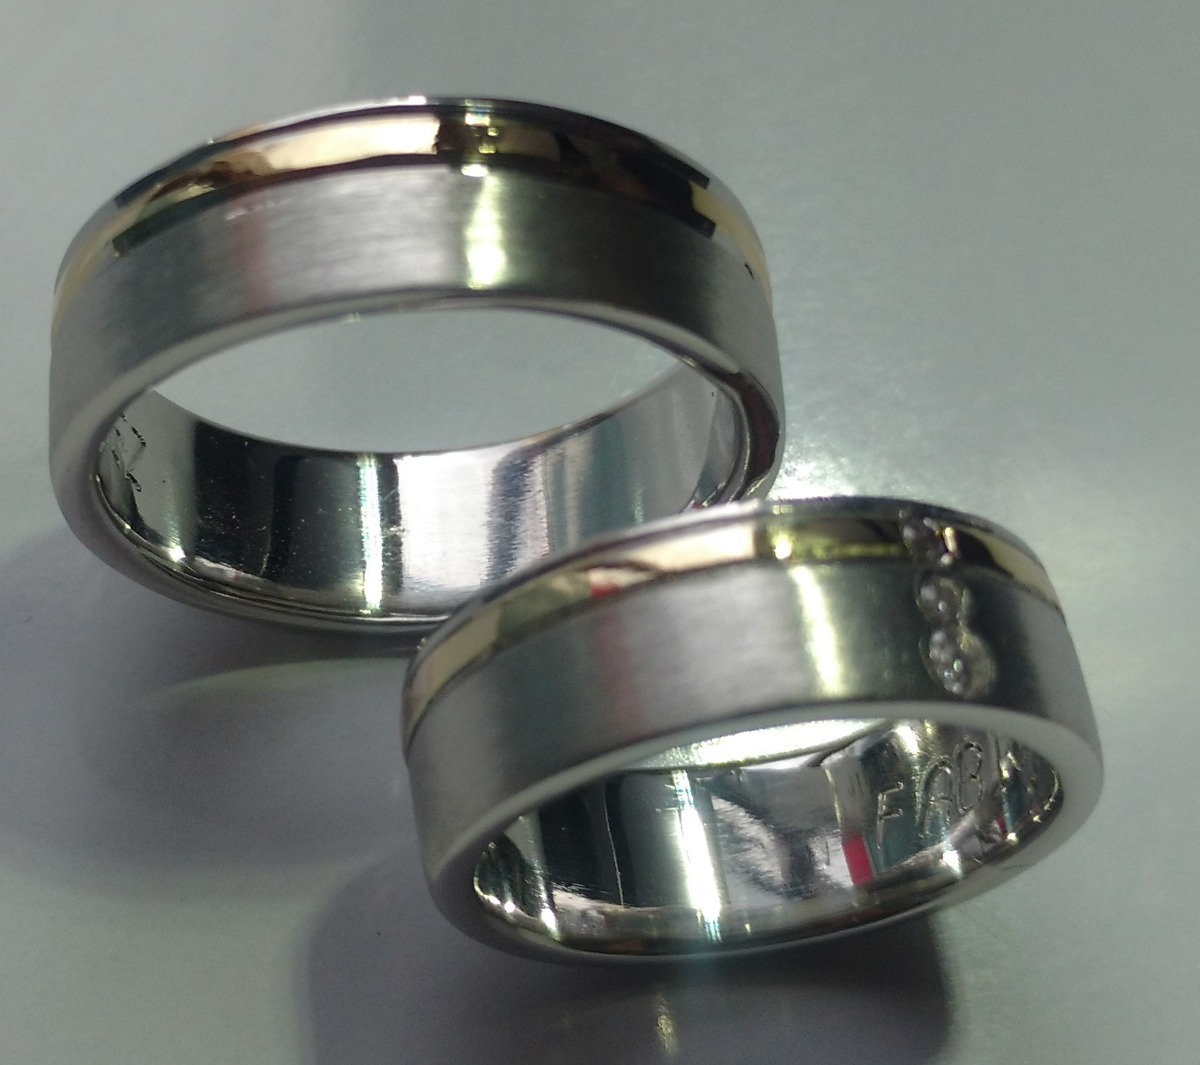 cafd28146f39 argollas plata 950 con linea oro 18k +anillo plata obsequio. Cargando zoom.